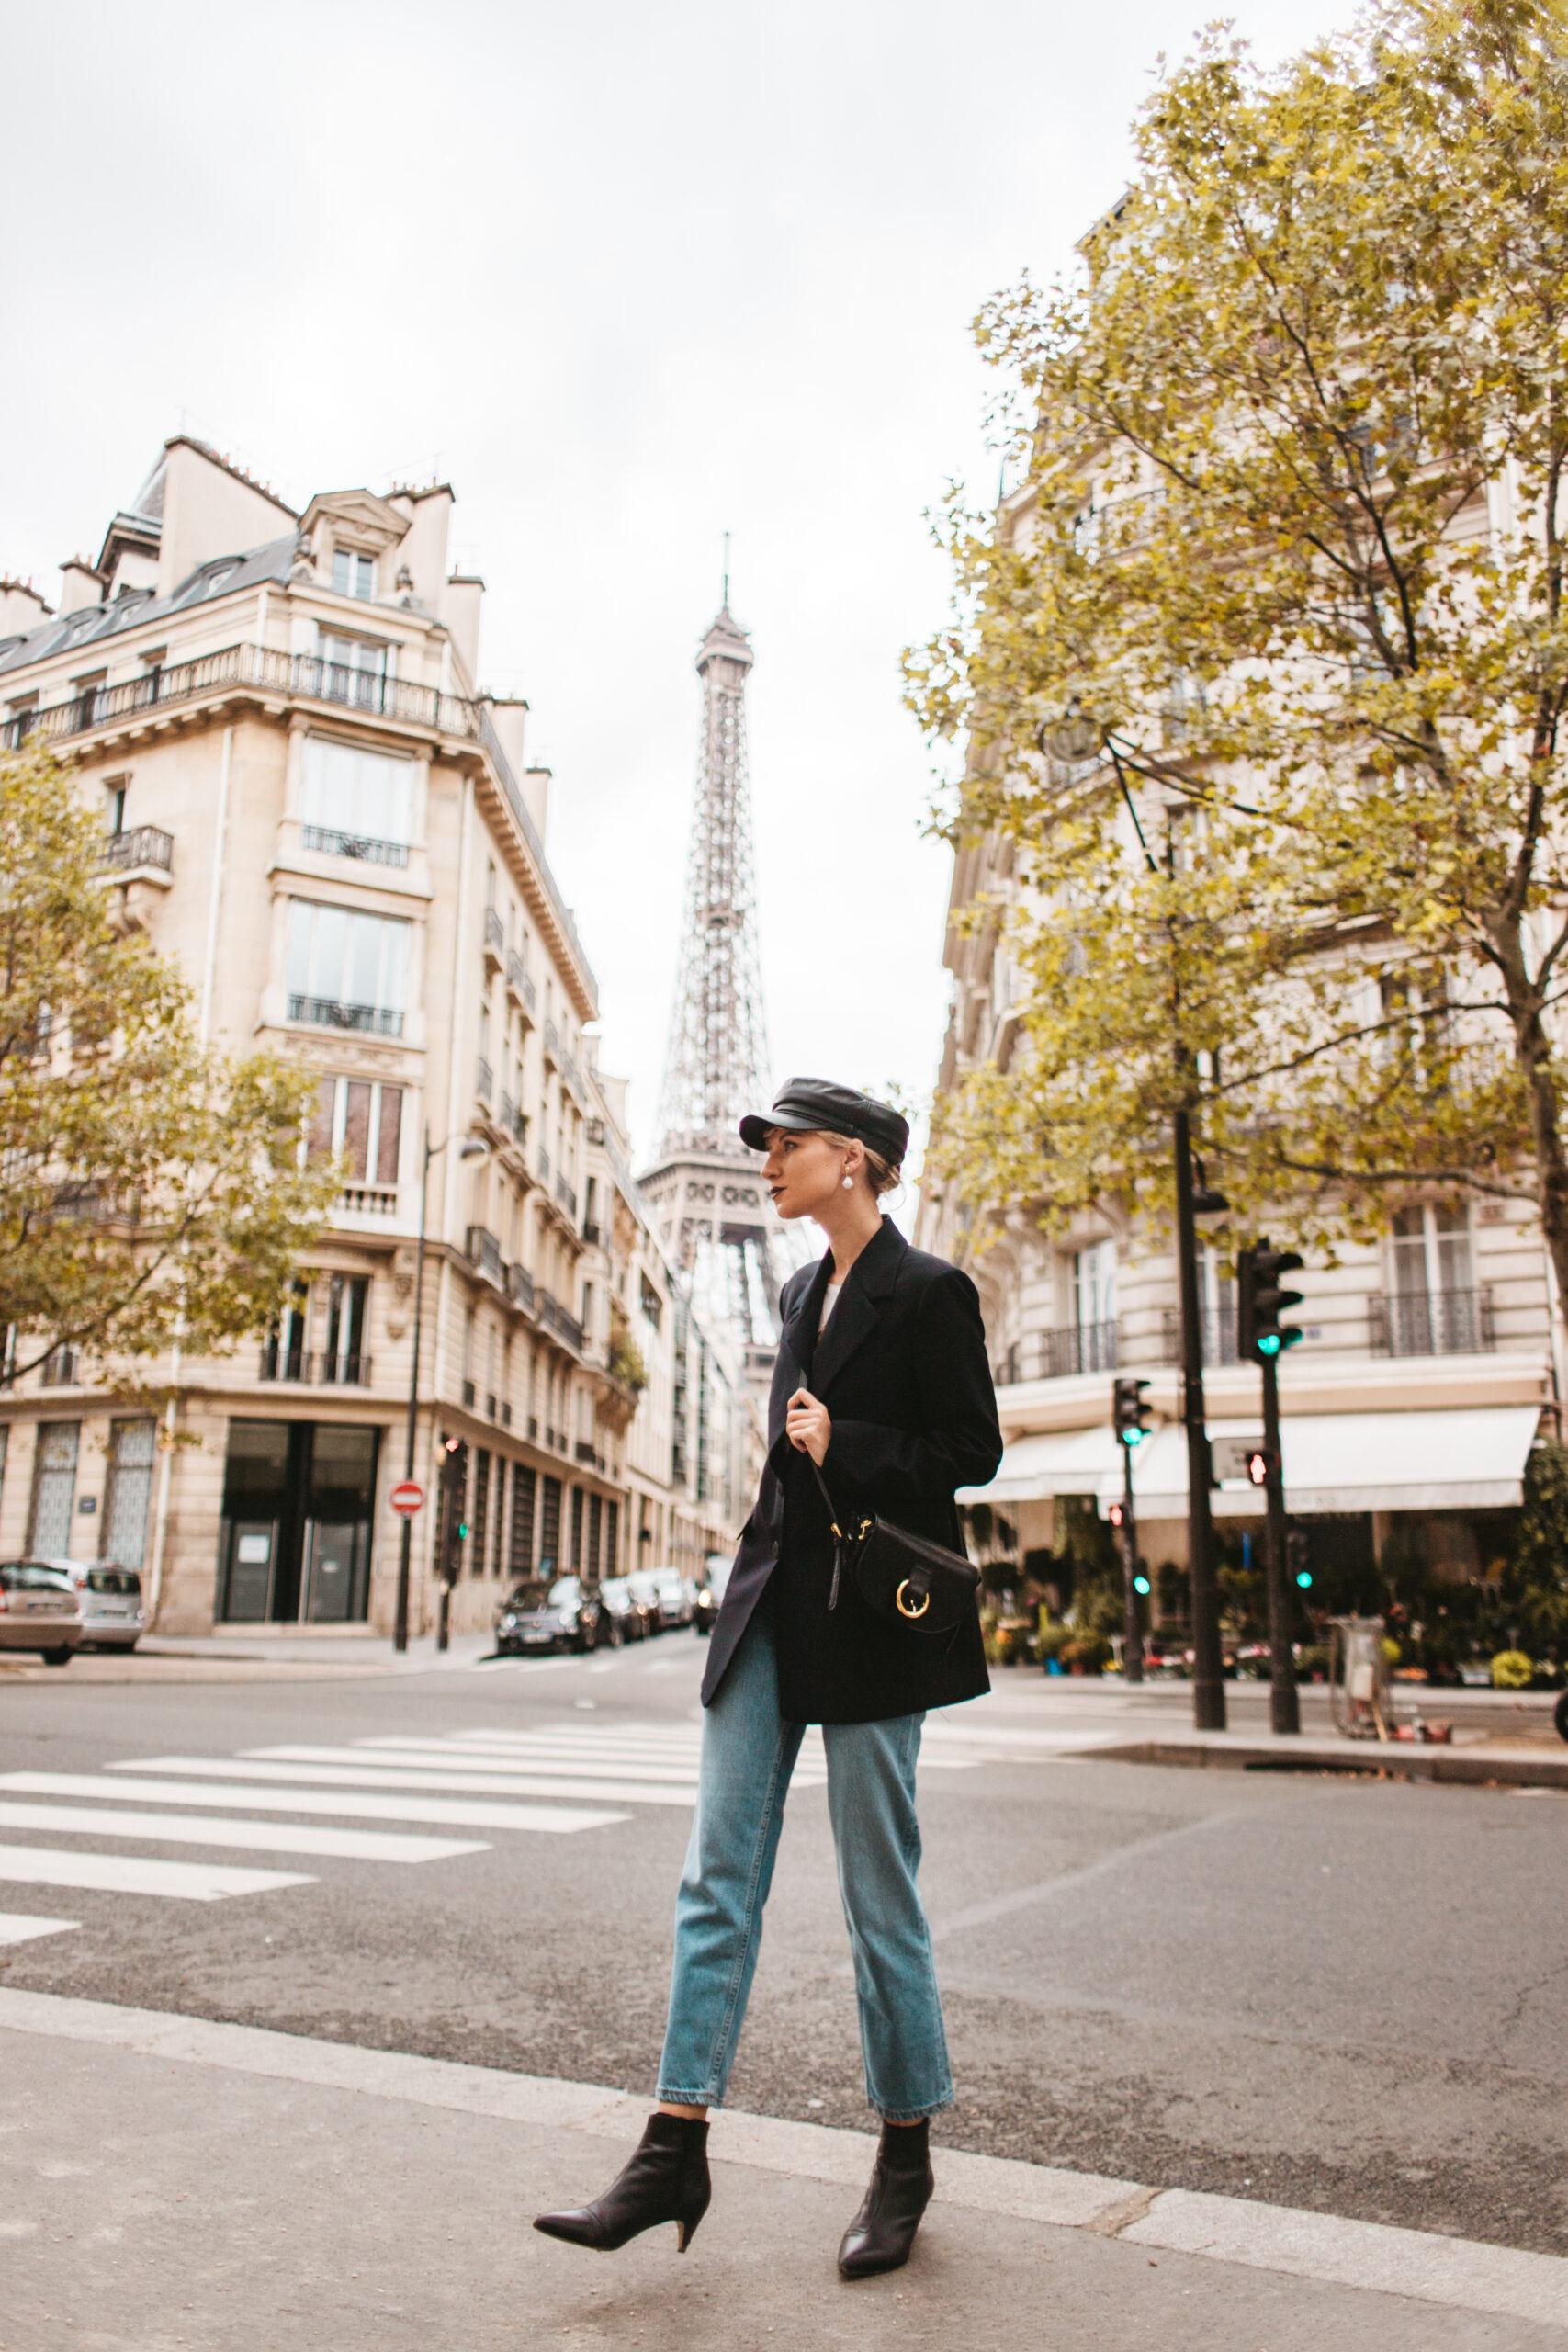 Paryż 18 Avenue Rapp, Paris streets, paryska ulica, wieża eiffla, eiffel tower, the iron lady, blogger, blogerka w Paryżu